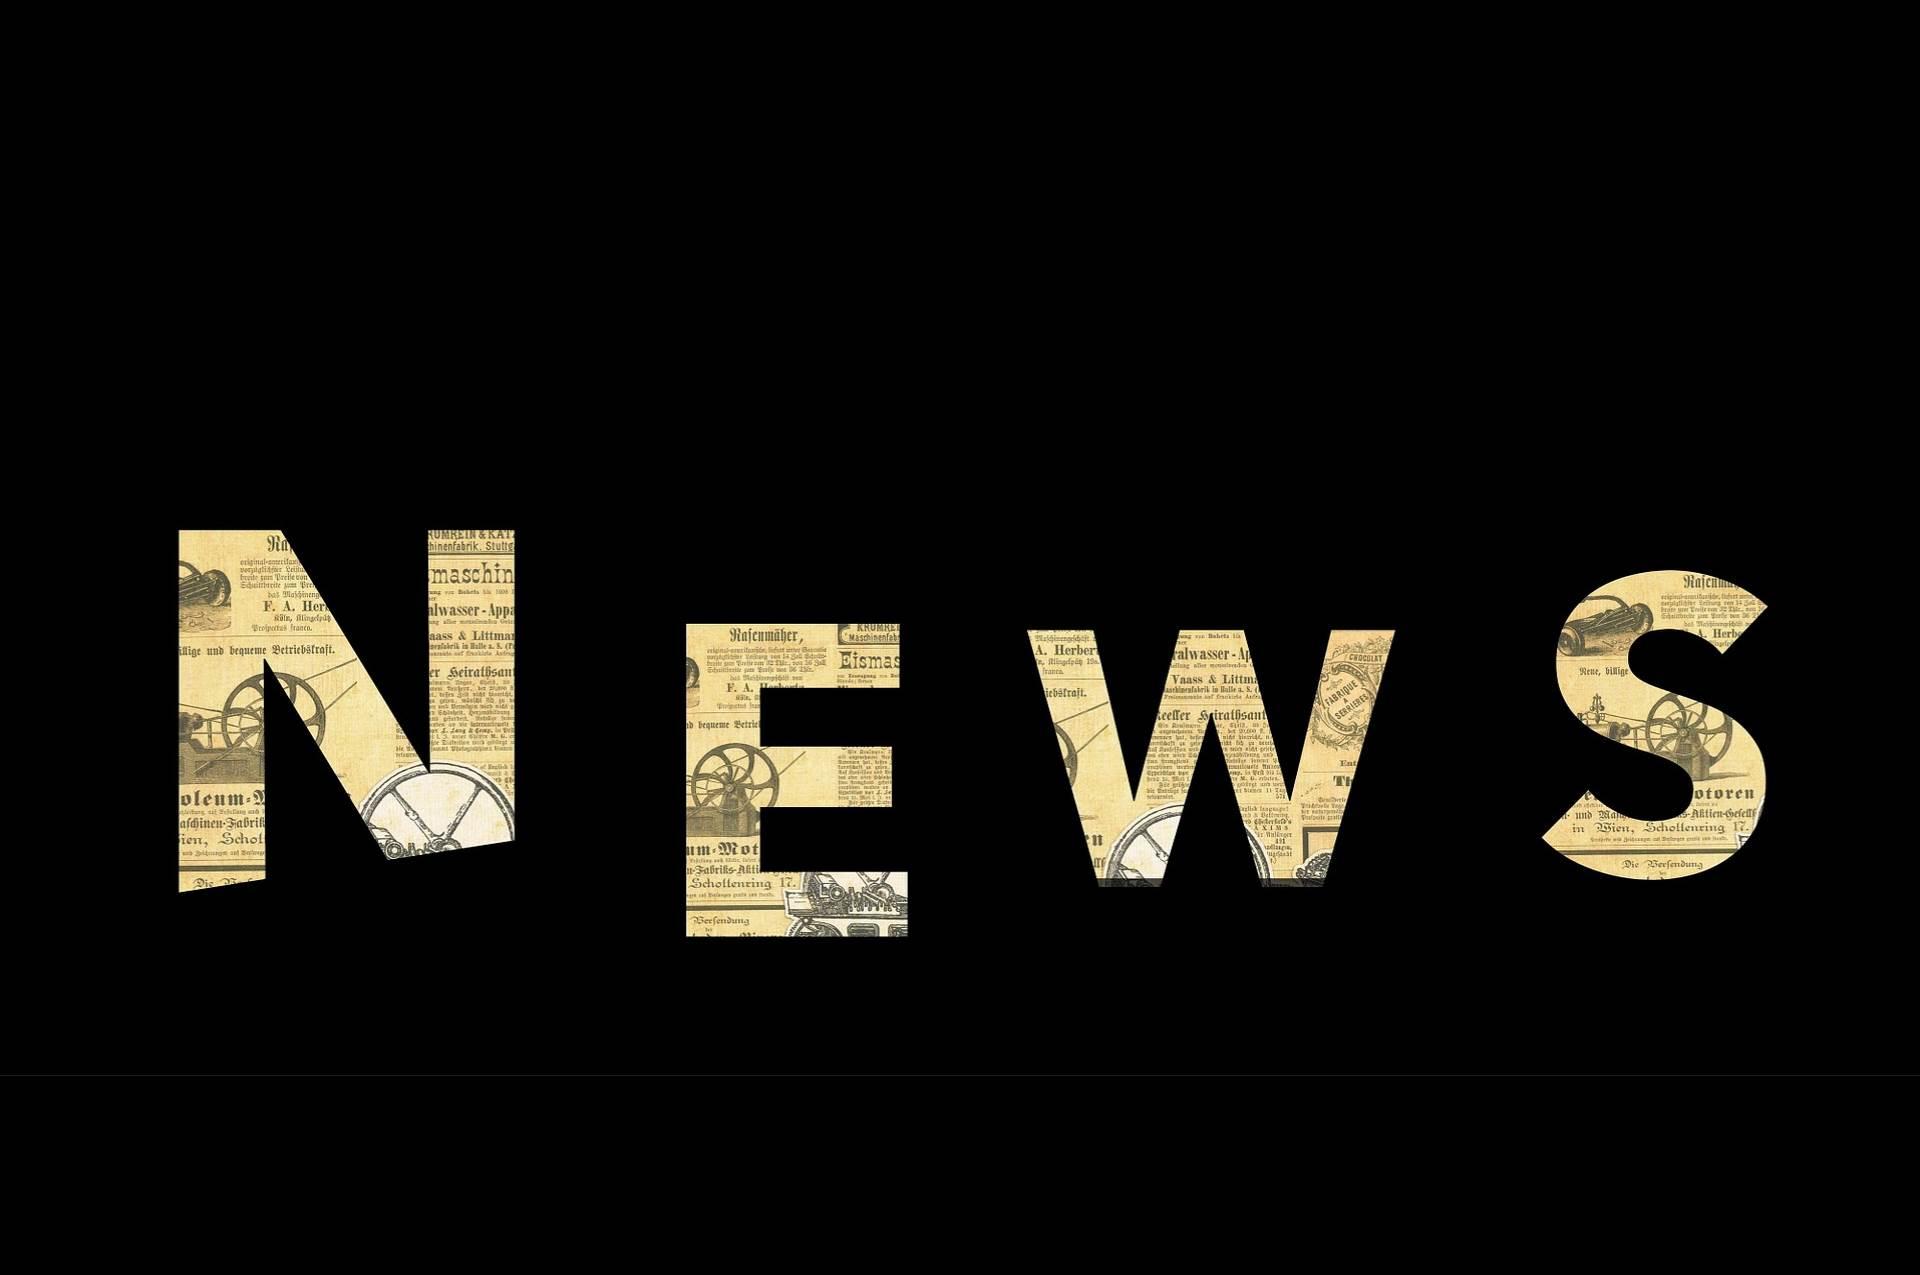 Flipkart Stories Weekly Update – Flipkart News | September 2